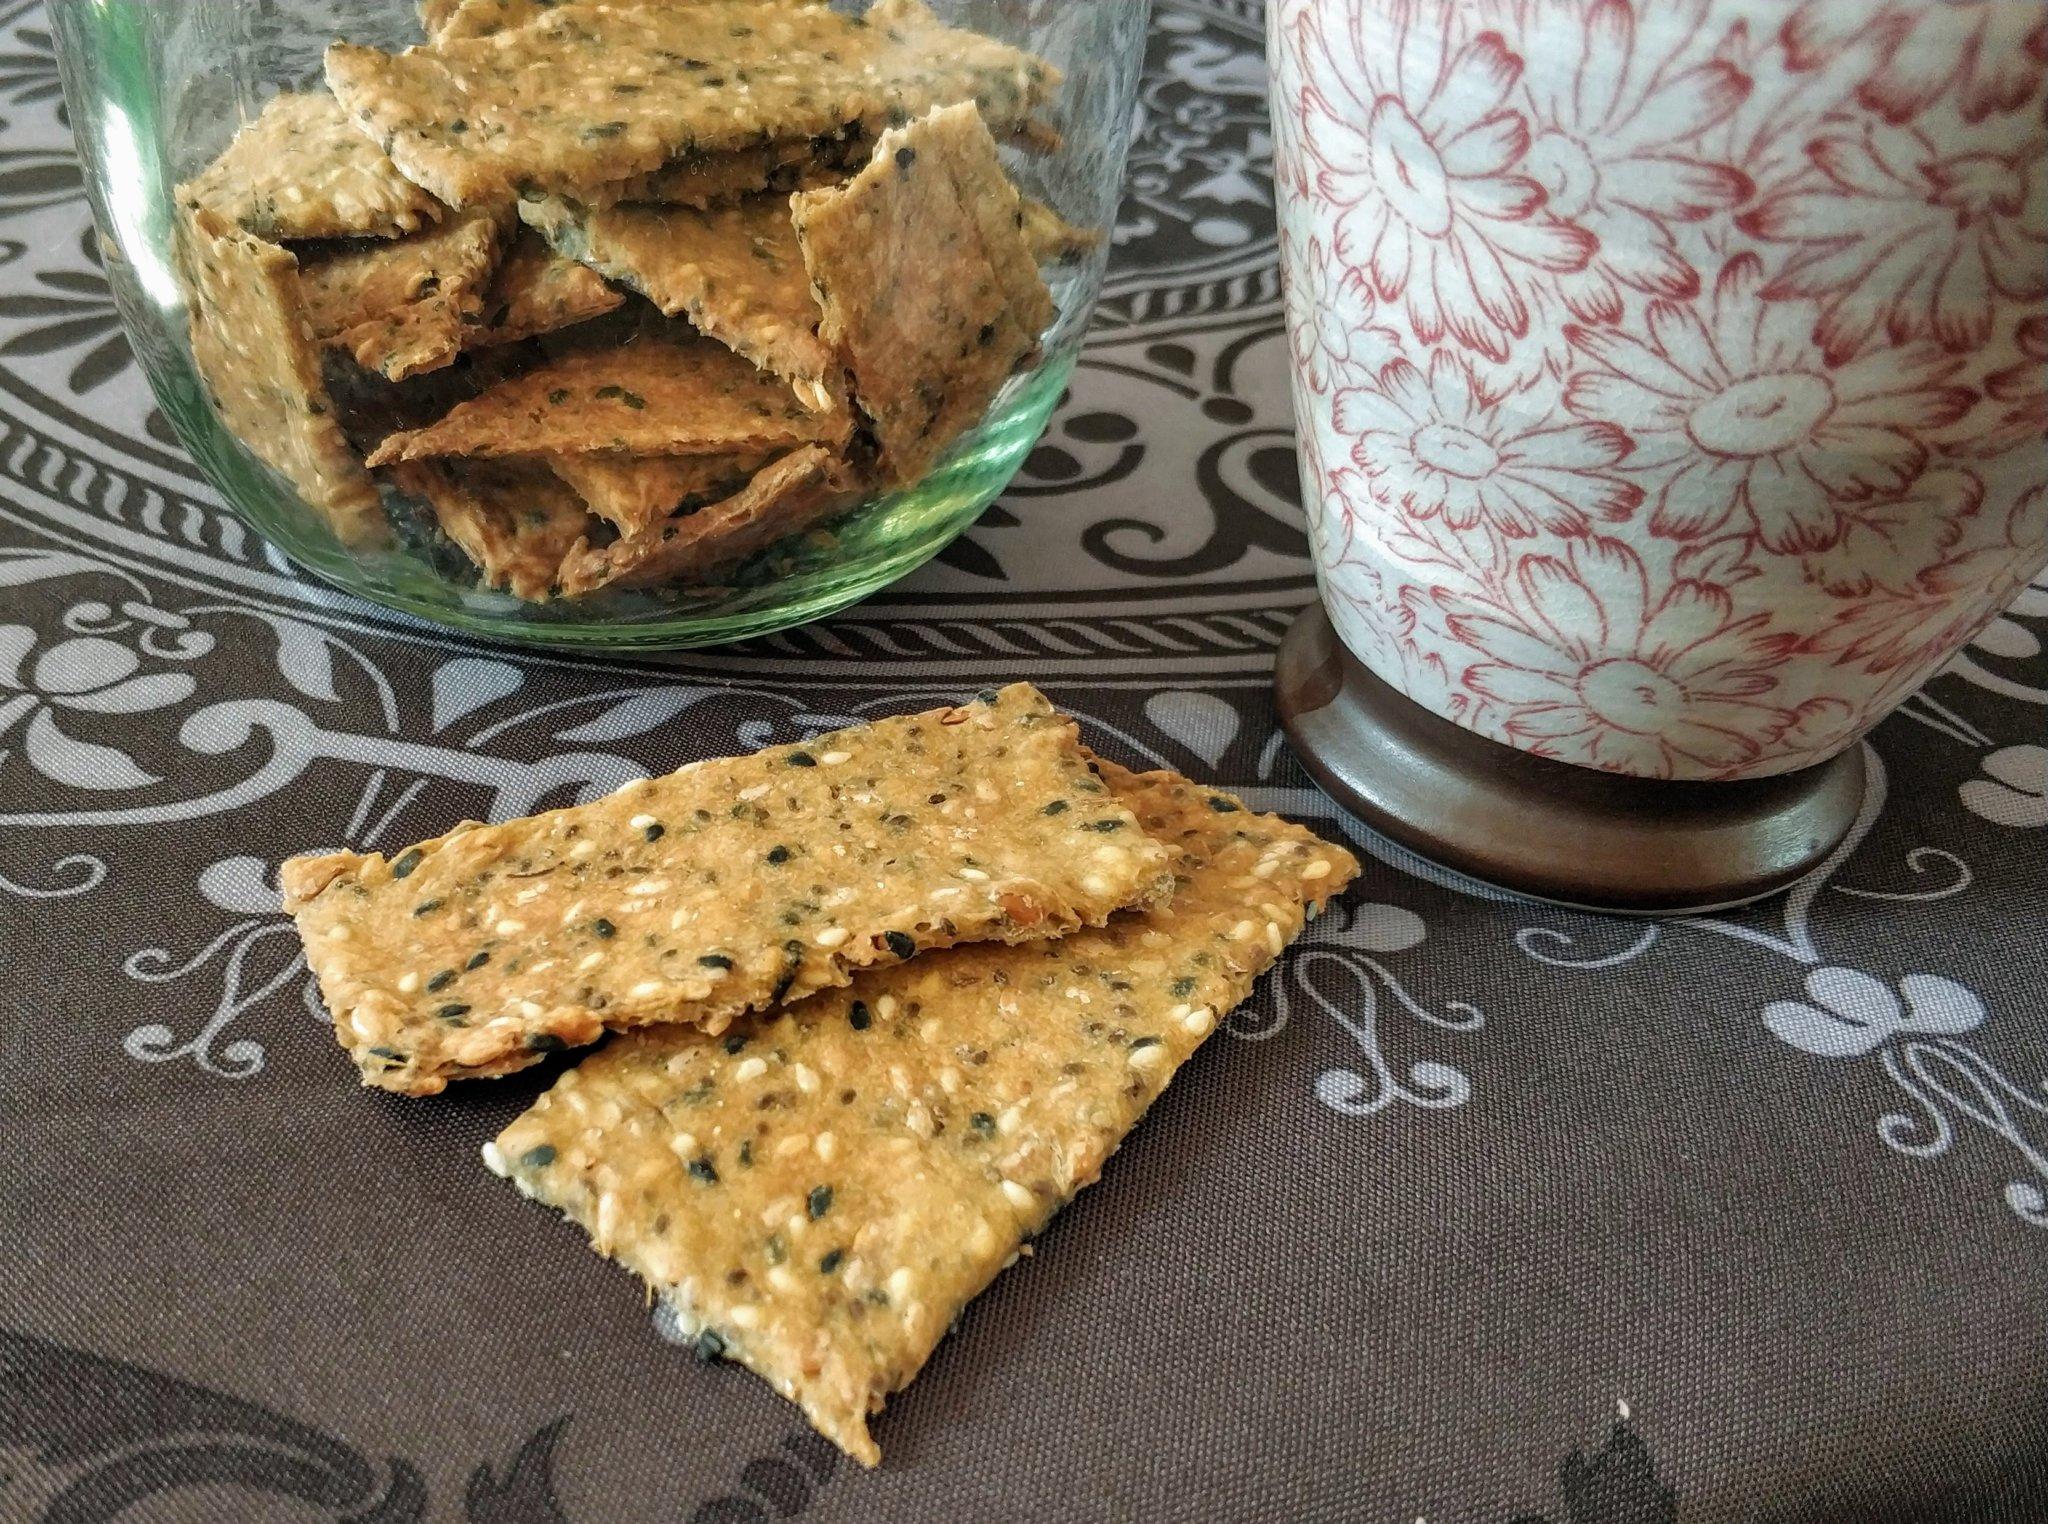 Dos crackers de semillas sobre la mesa.